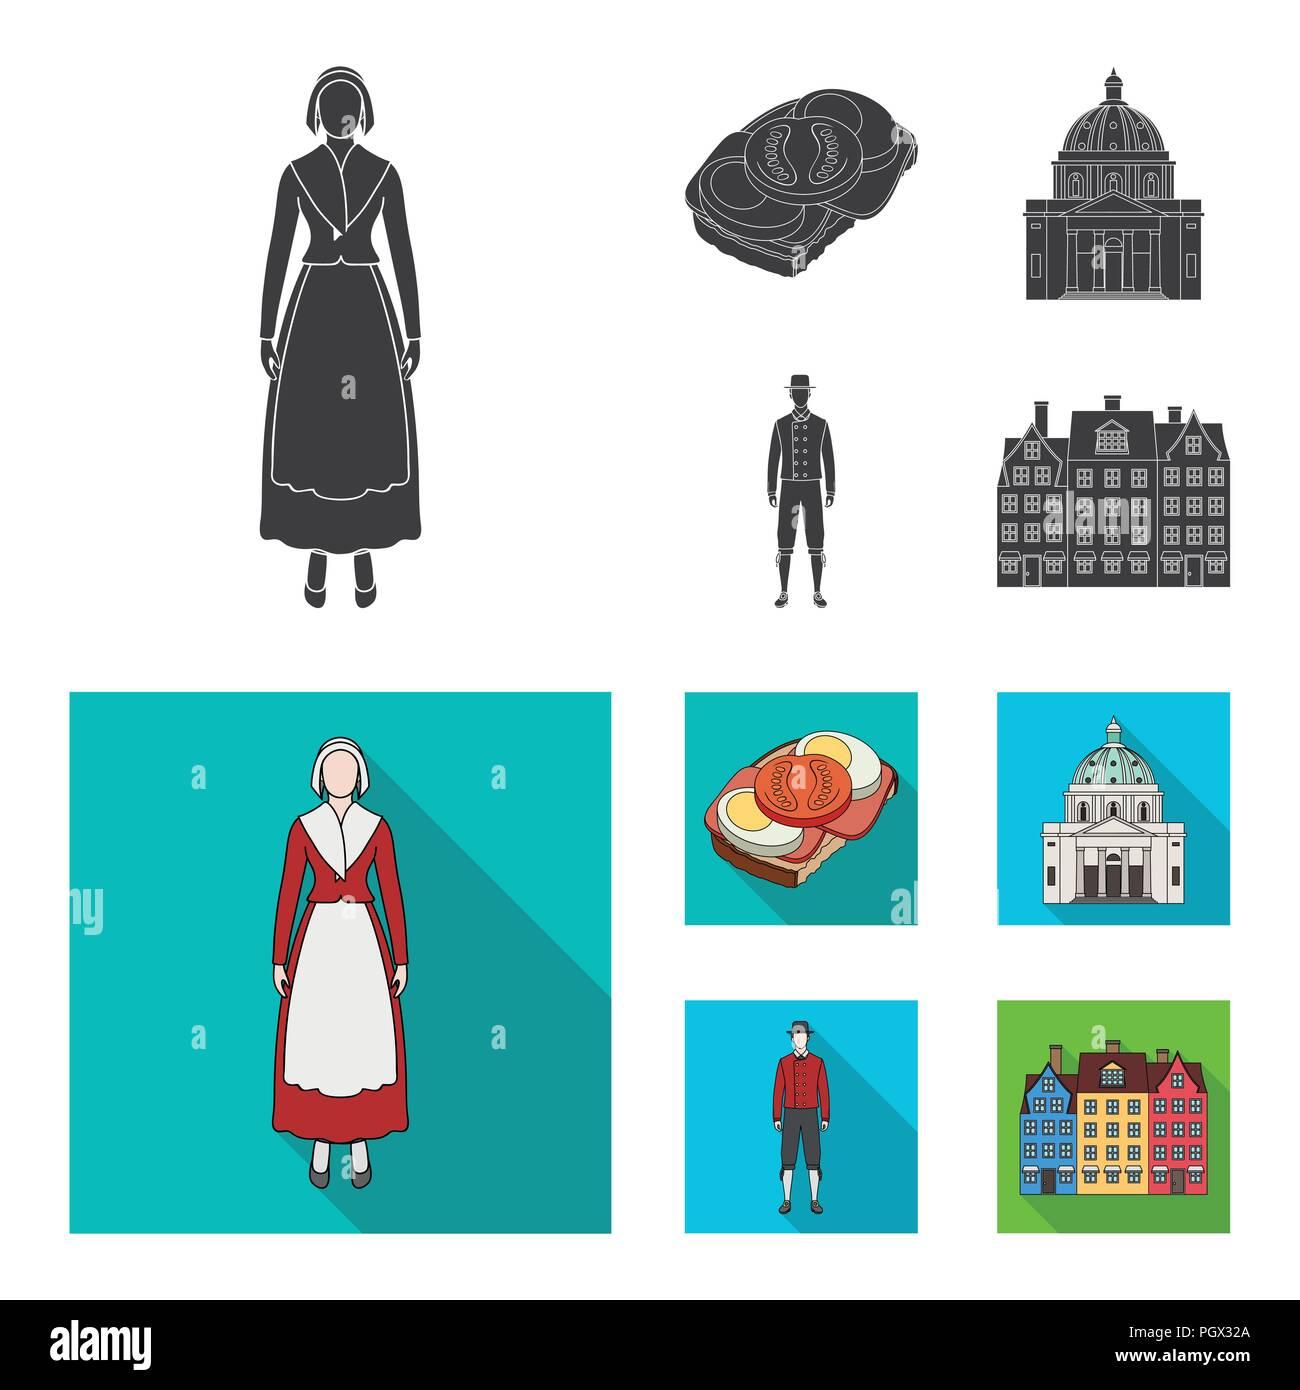 Dänemark, Geschichte, ein Restaurant und ein anderes Symbol in Schwarz, flacher Stil. Sandwich, Essen, Brot Symbole in Sammlung Stock Vektor